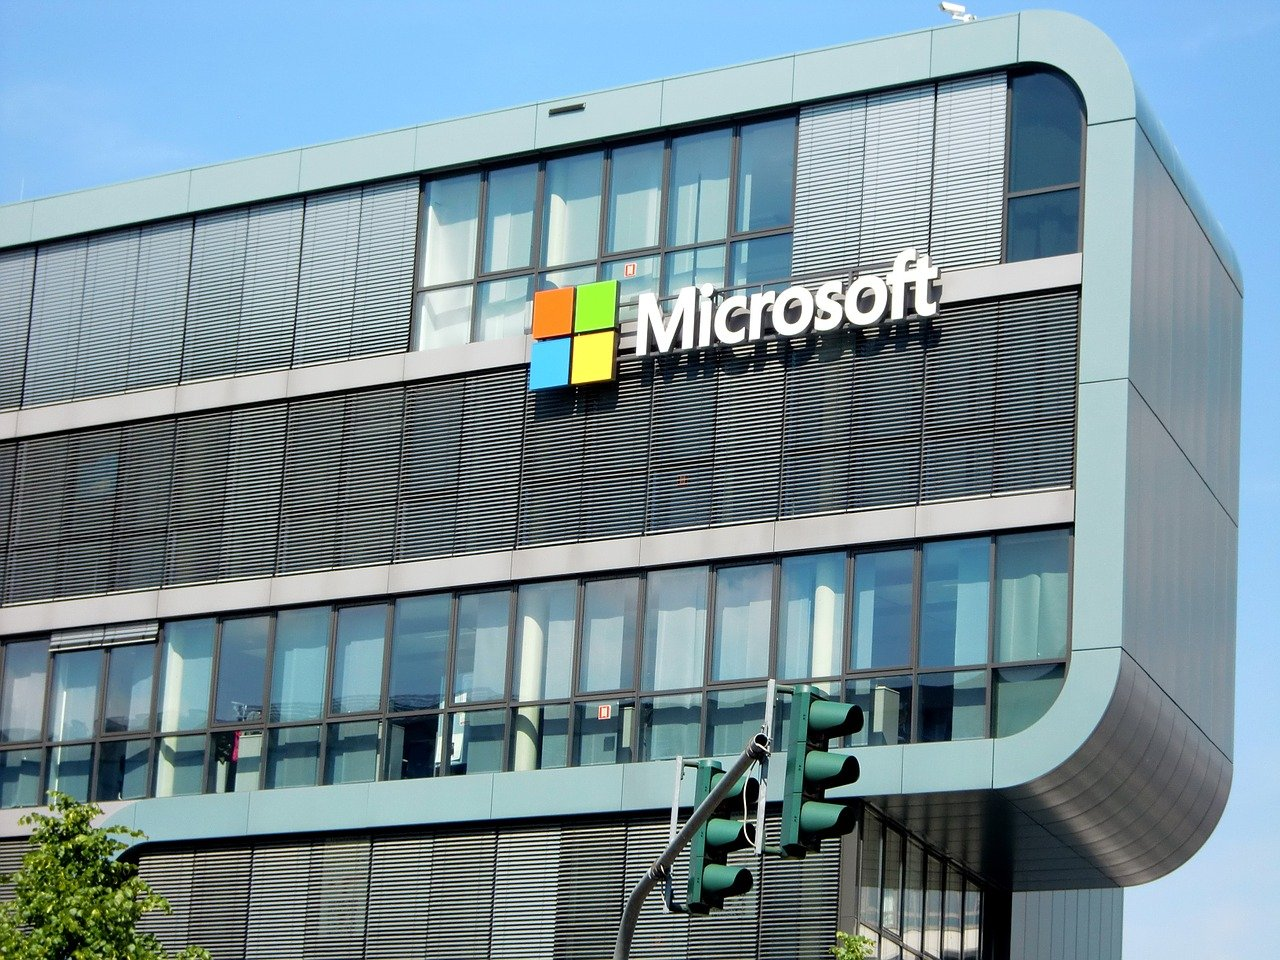 Kwartalne wyniki Microsoft powyżej oczekiwań, akcje lekko w górę